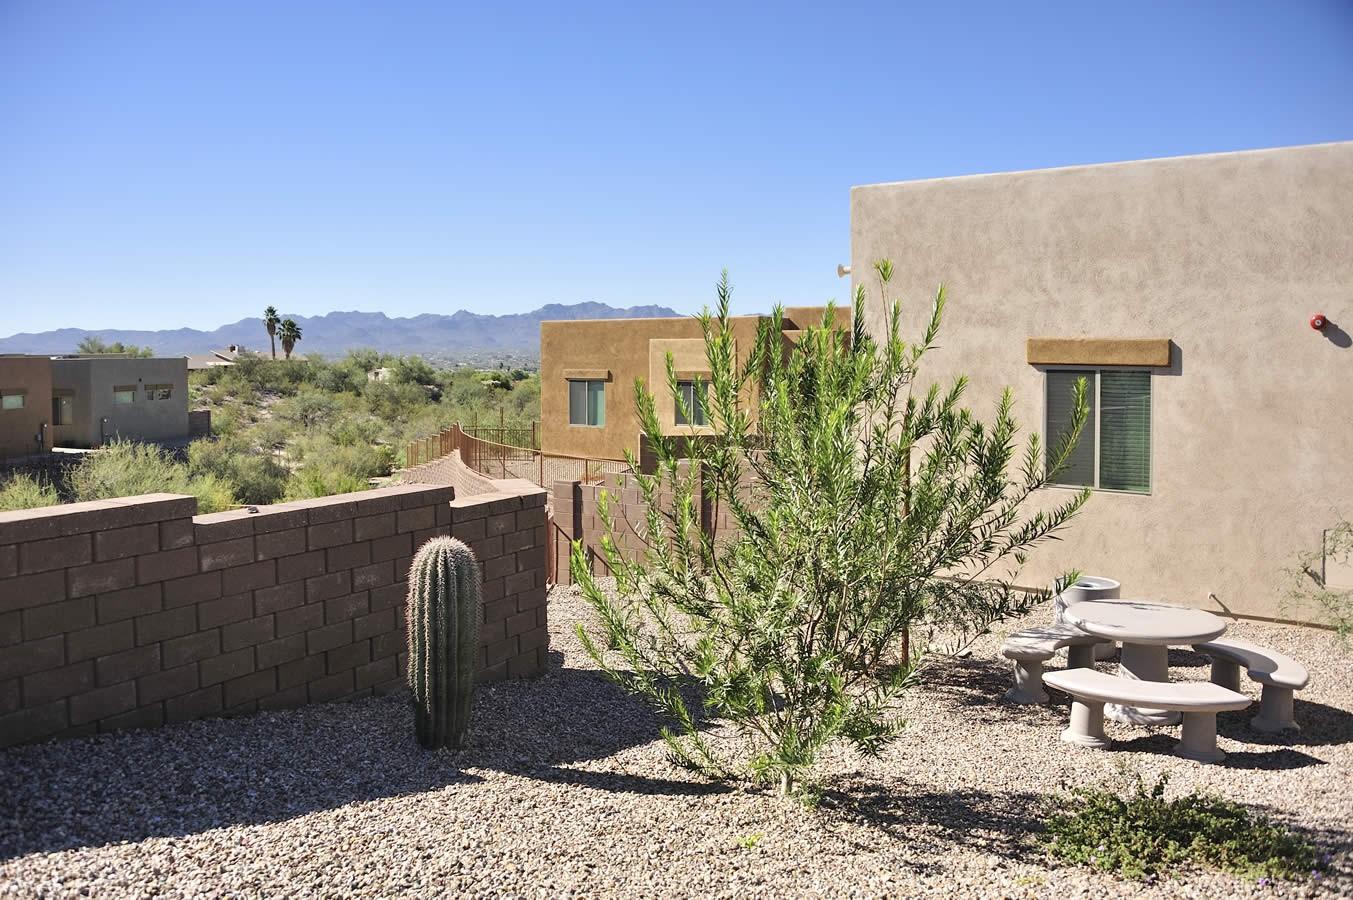 Apartments Near University of Arizona Avilla Preserve for University of Arizona Students in Tucson, AZ